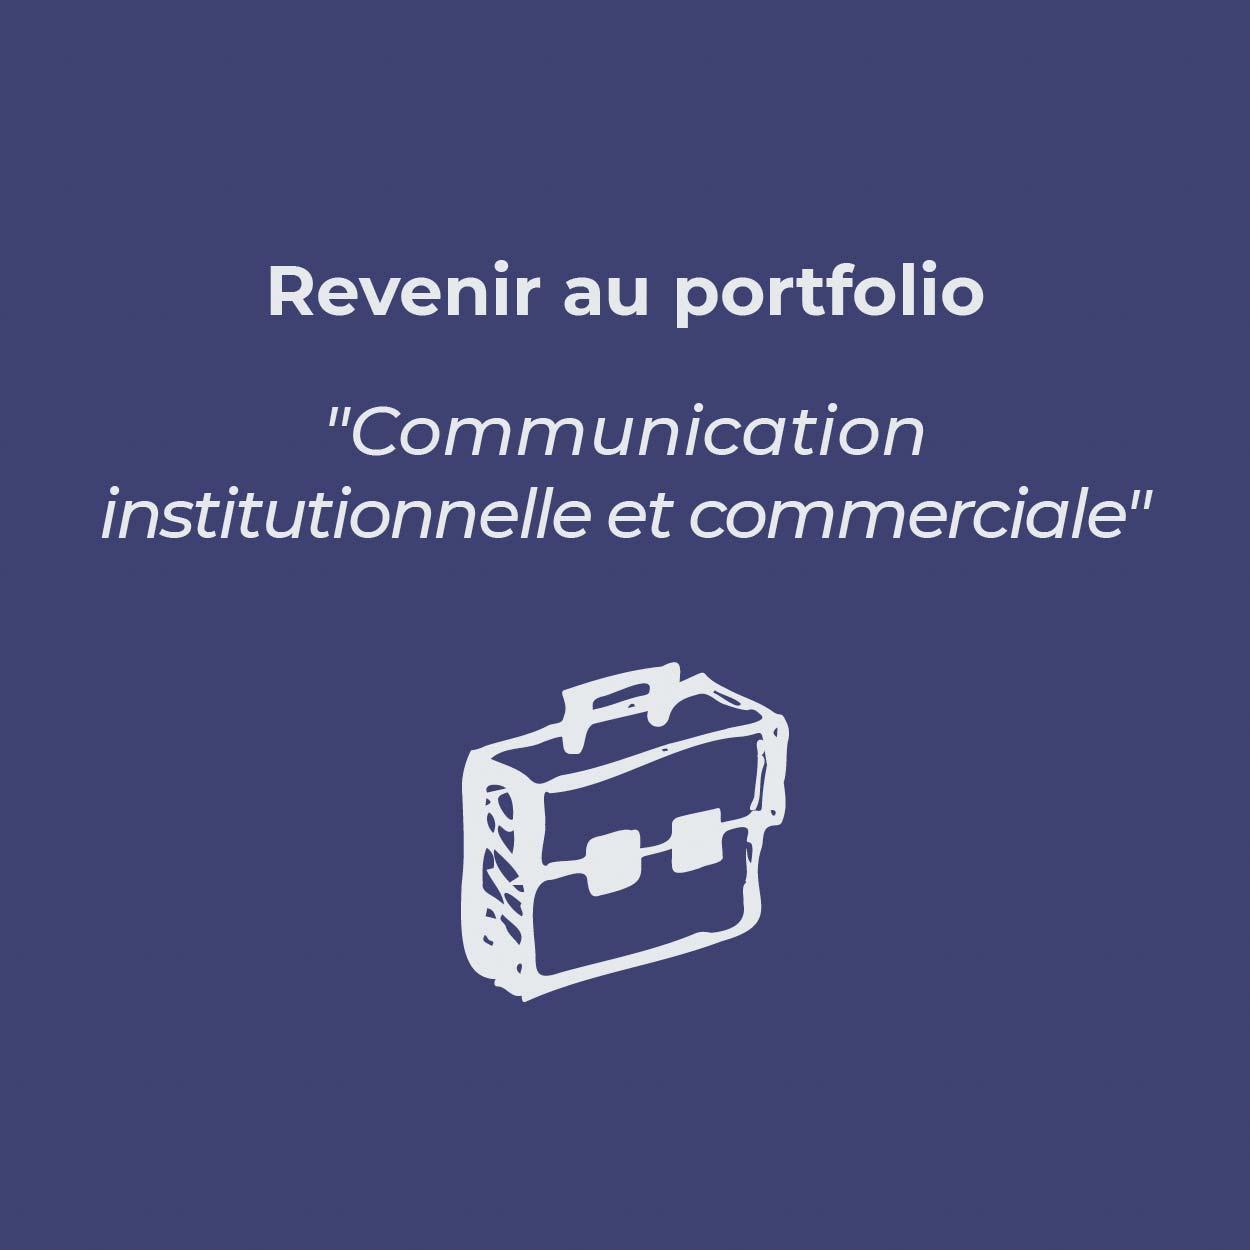 Bouton pour revenir au portfolio «Communication institutionnelle et commerciale»